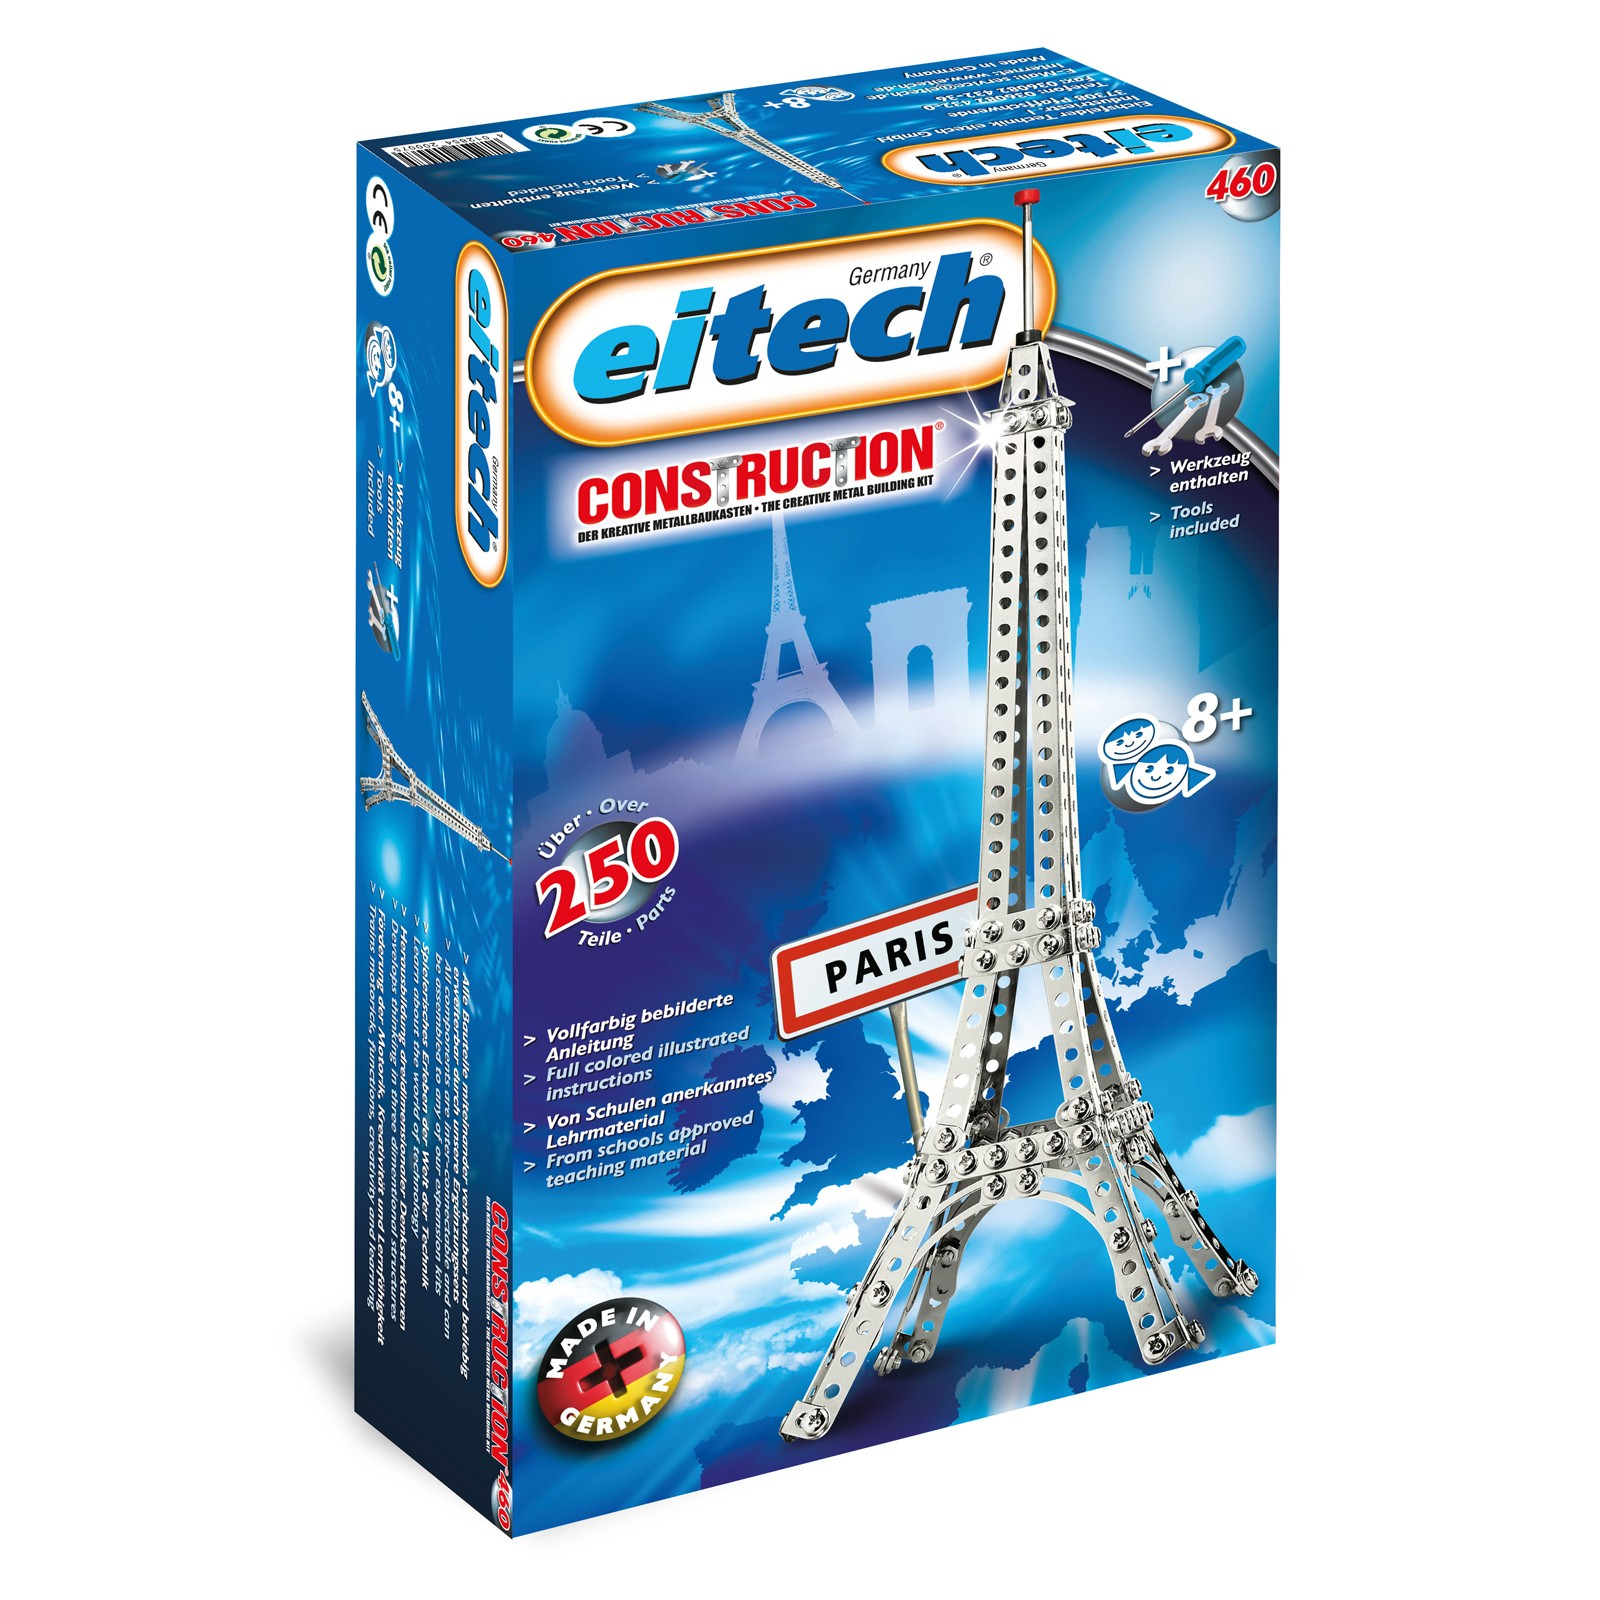 EITECH Metallbaukasten Eiffelturm 45cm hoch